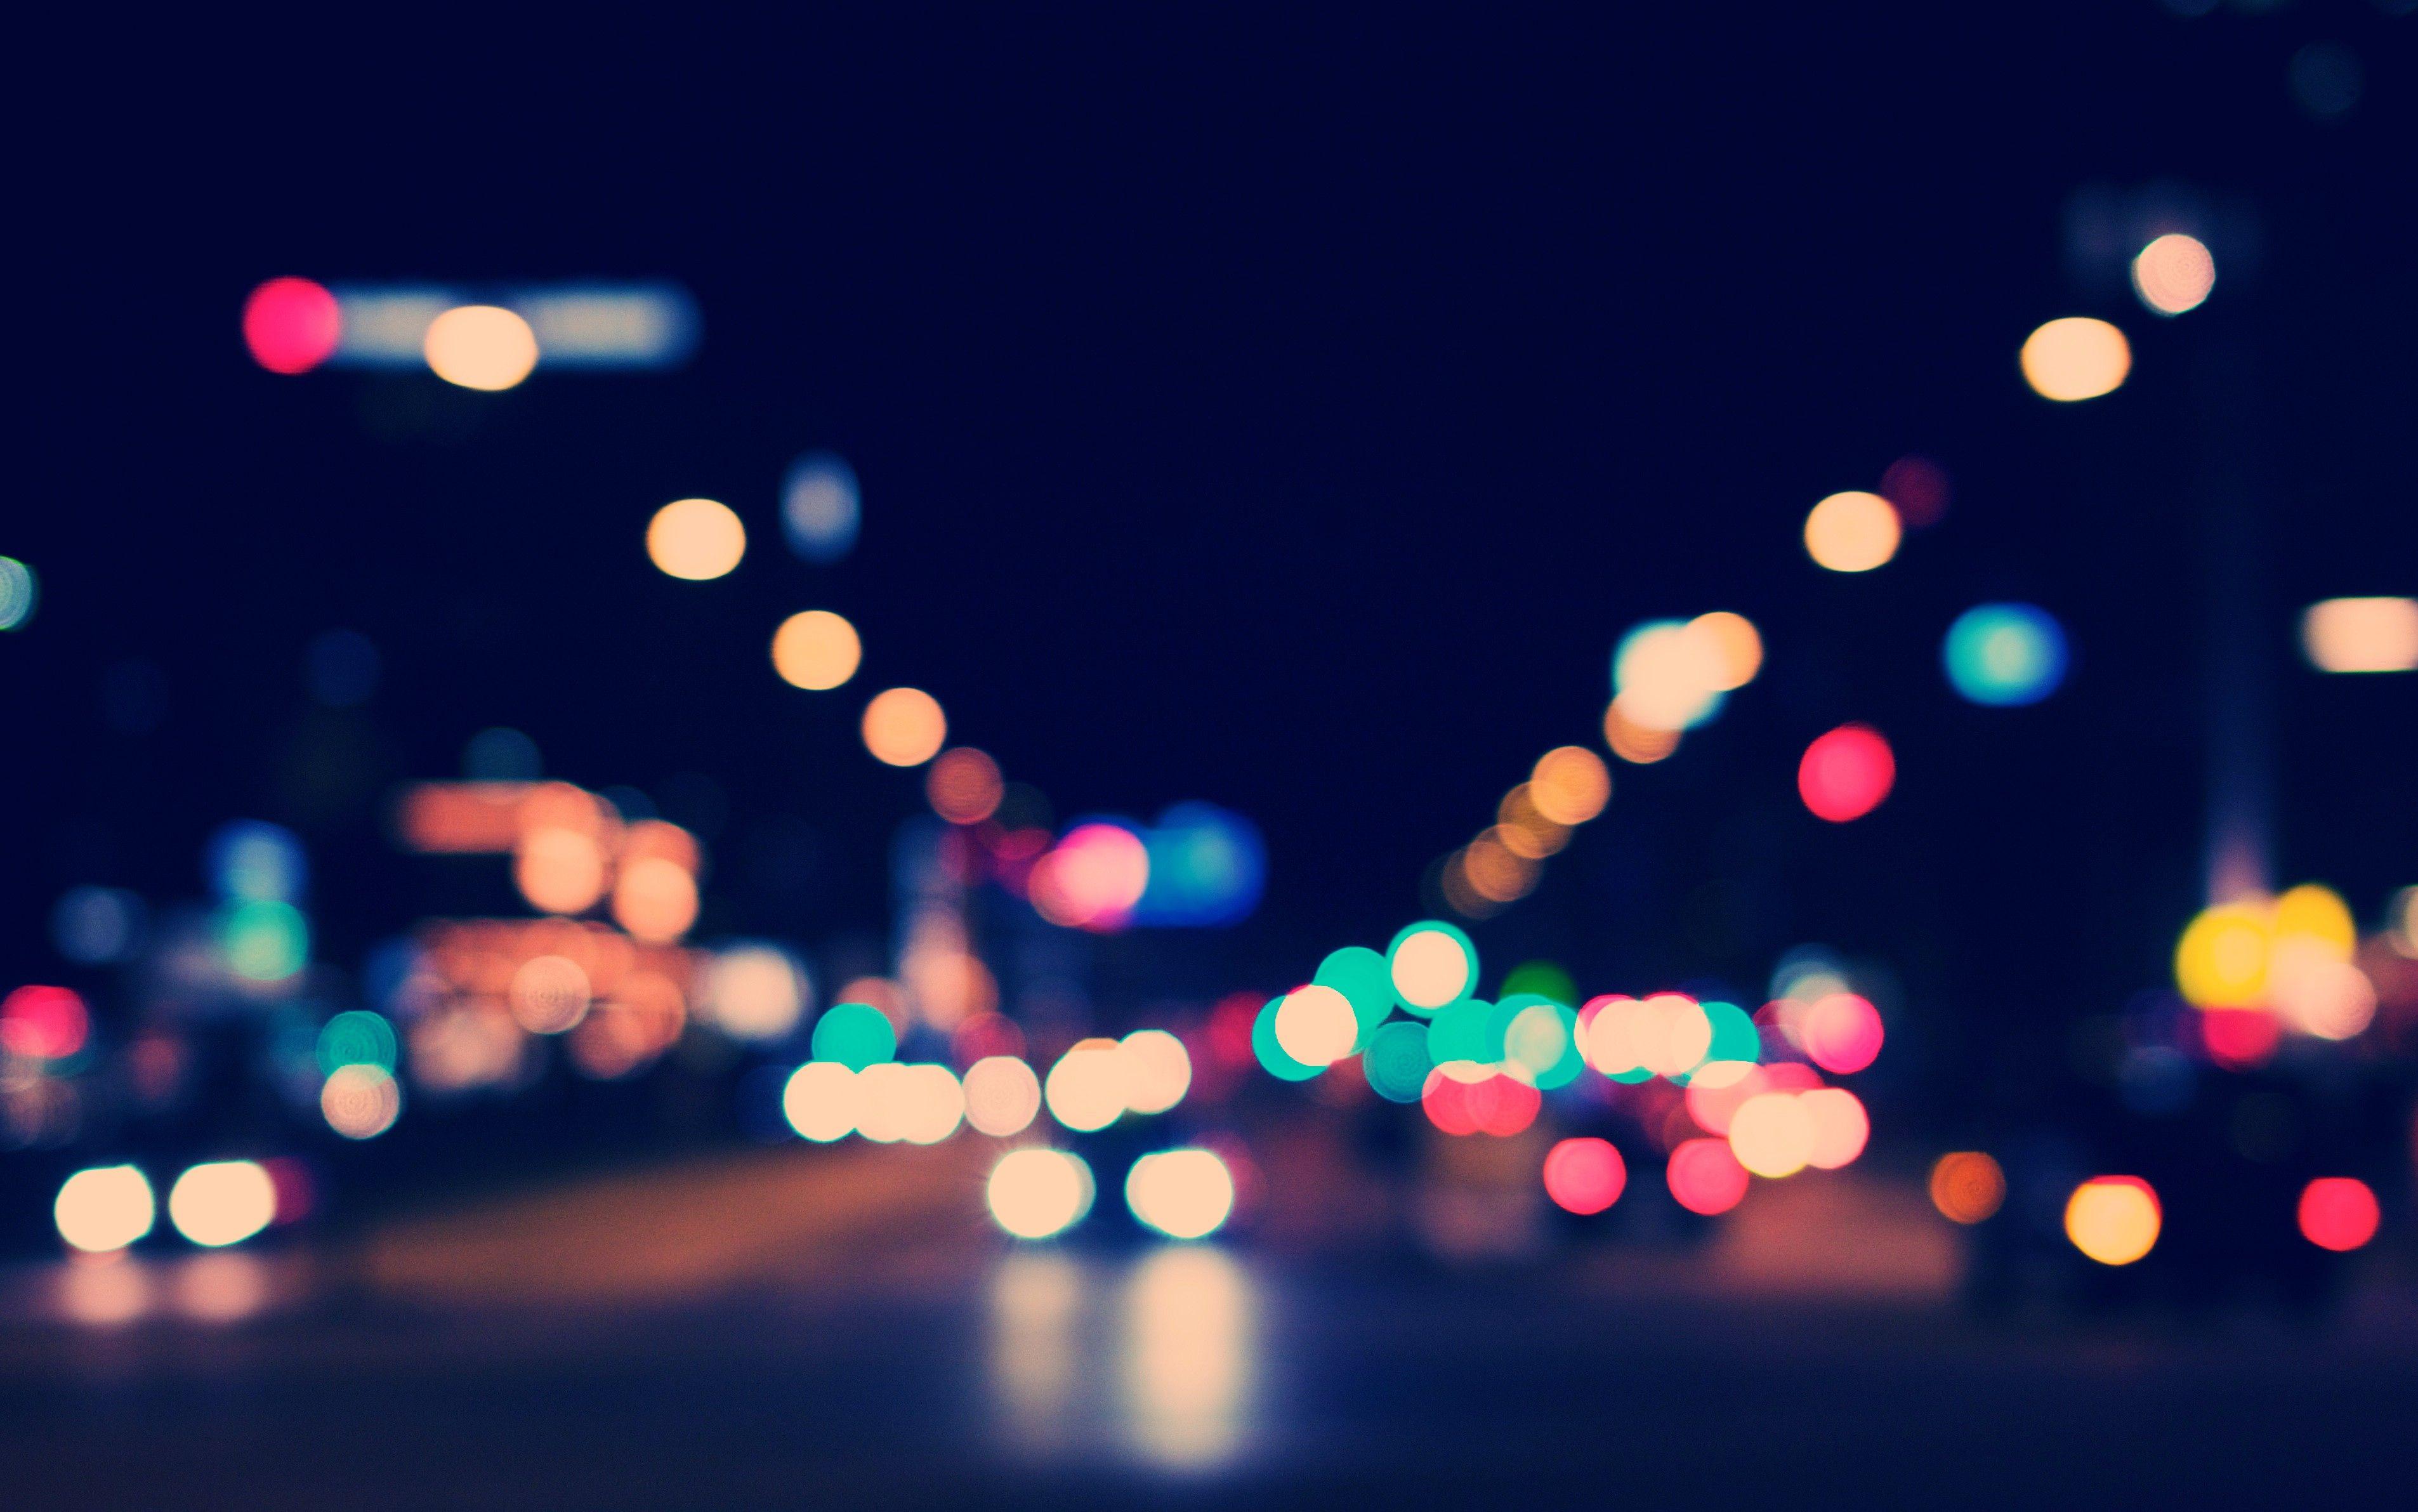 City Lights Bokeh Wallpaper Bokeh Photography